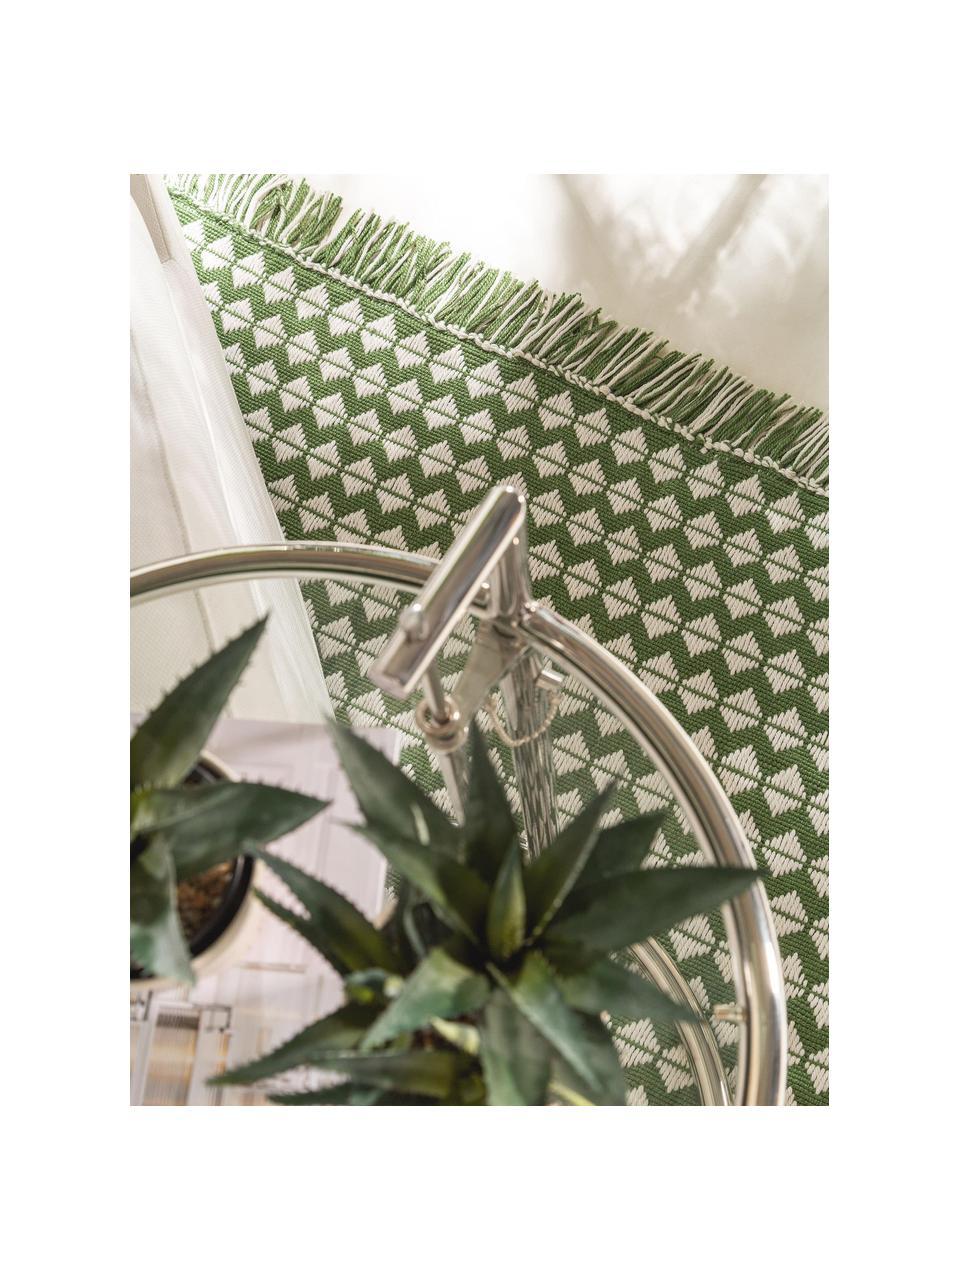 Dywan wewnętrzny/zewnętrzny Morty, 100% poliester (recyceltes PET), Zielony, złamana biel, S 80 x D 150 cm (Rozmiar XS)